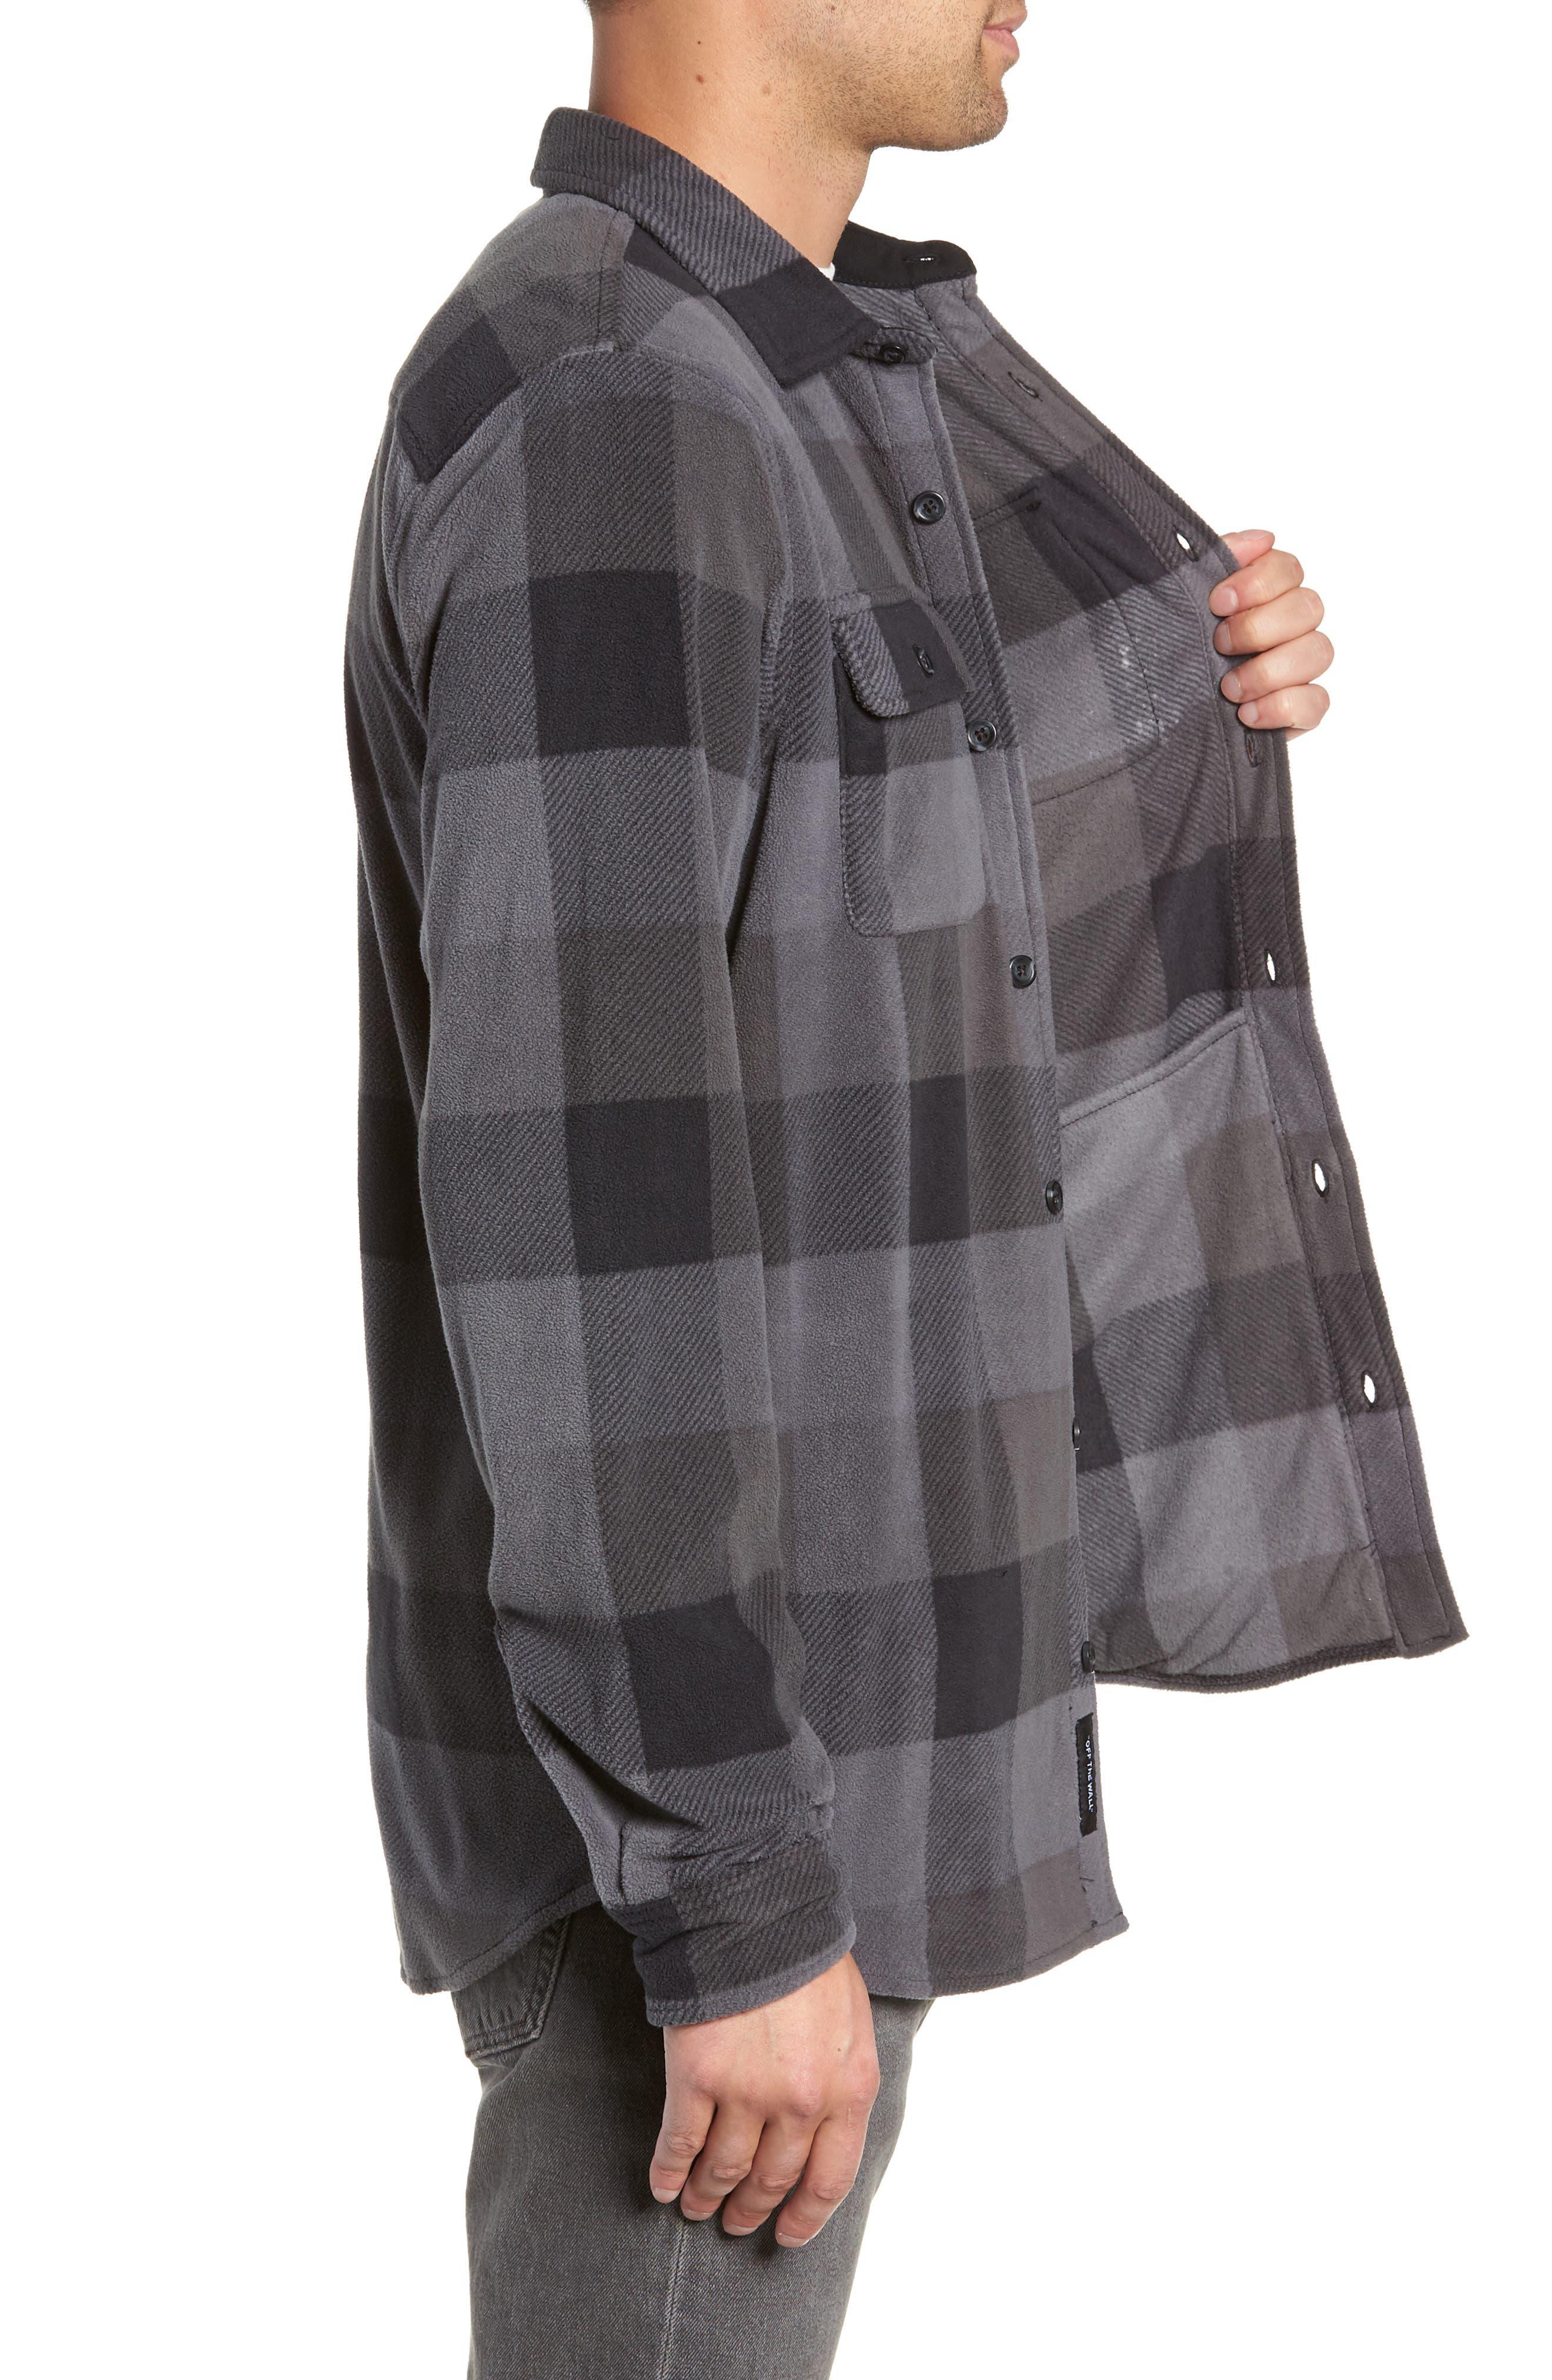 Hillcrest Polar Fleece Shirt Jacket,                             Alternate thumbnail 3, color,                             BLACK/ CHARCOAL